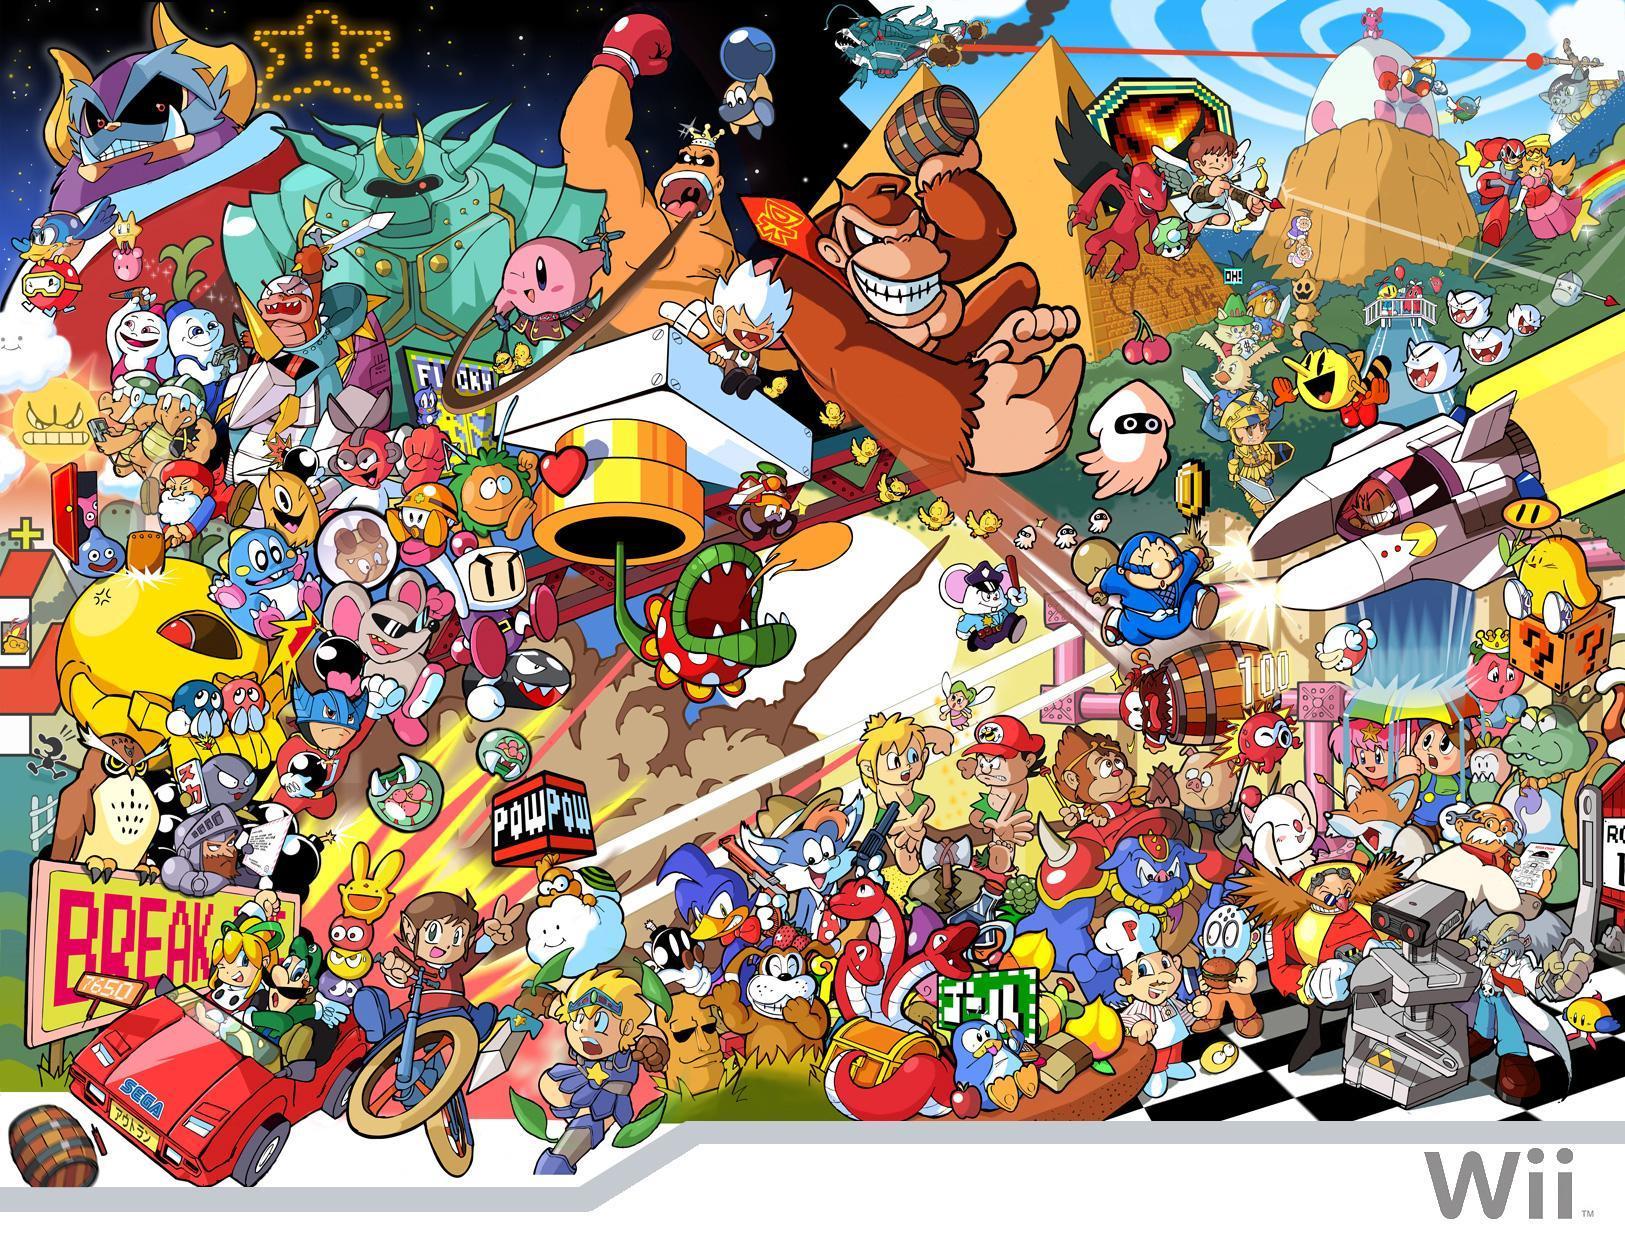 Nintendo Computer Wallpapers Desktop Backgrounds 1625x1238 ID 1625x1238